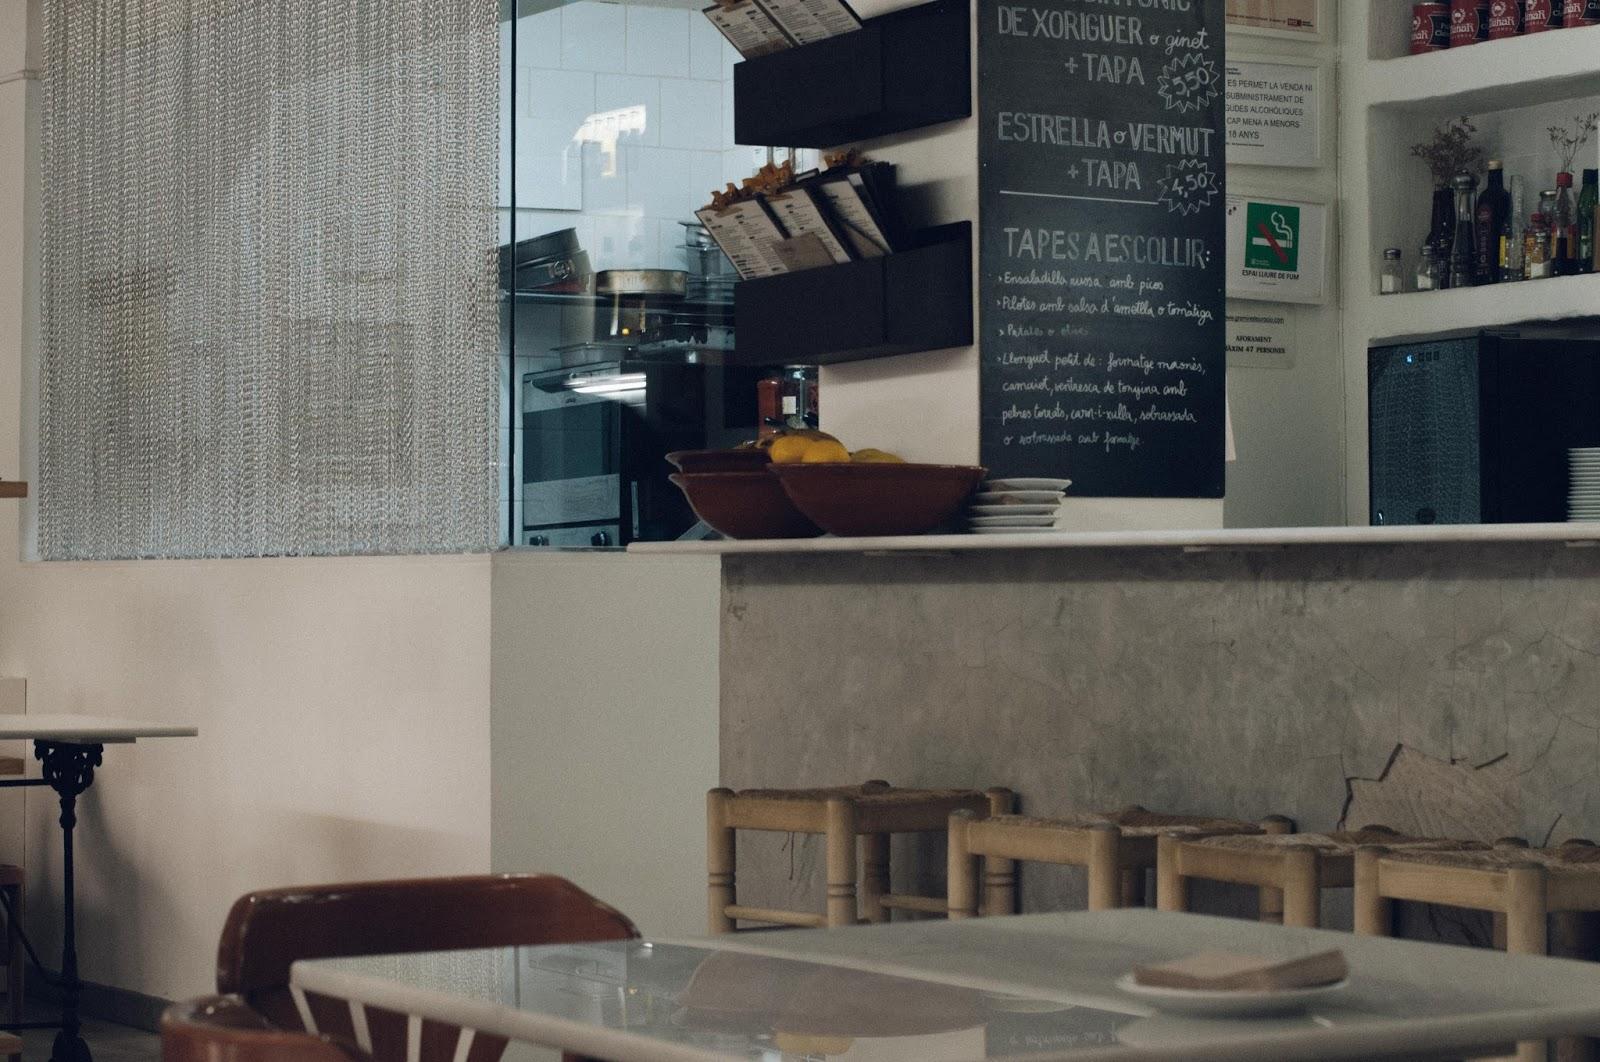 Ido Balear restaurante Barcelona